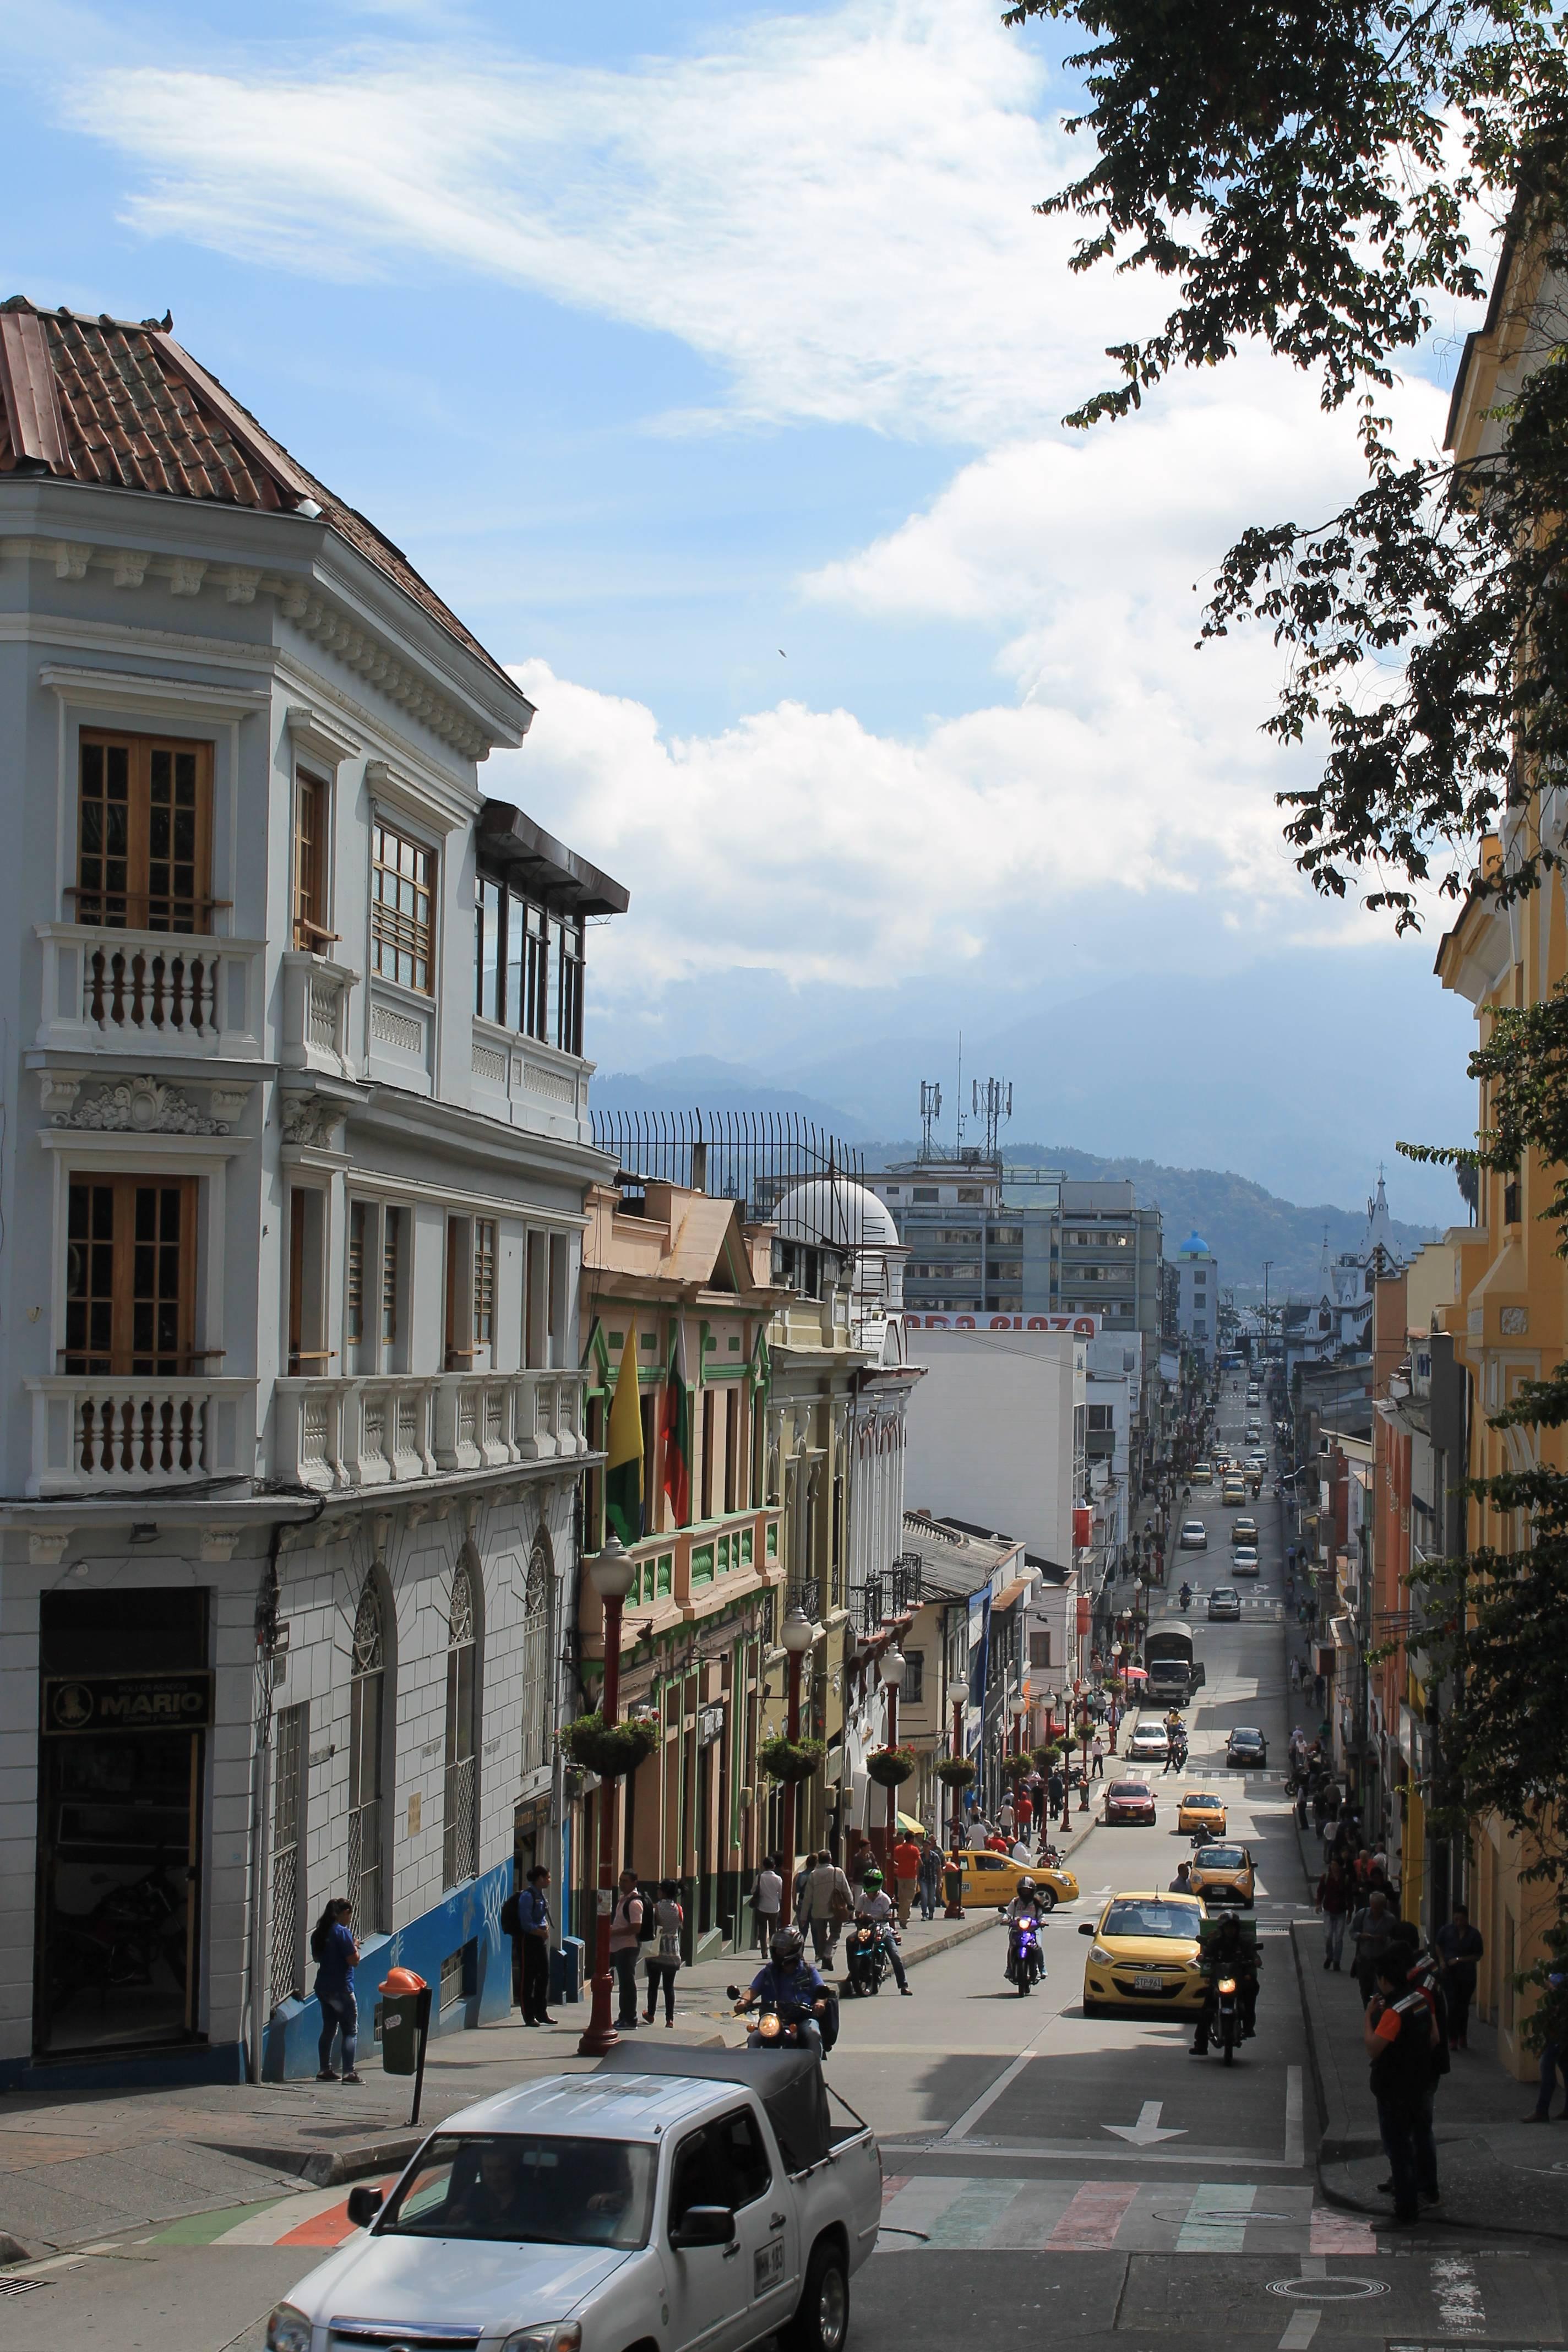 Photo 1: Manizales (Colombie)